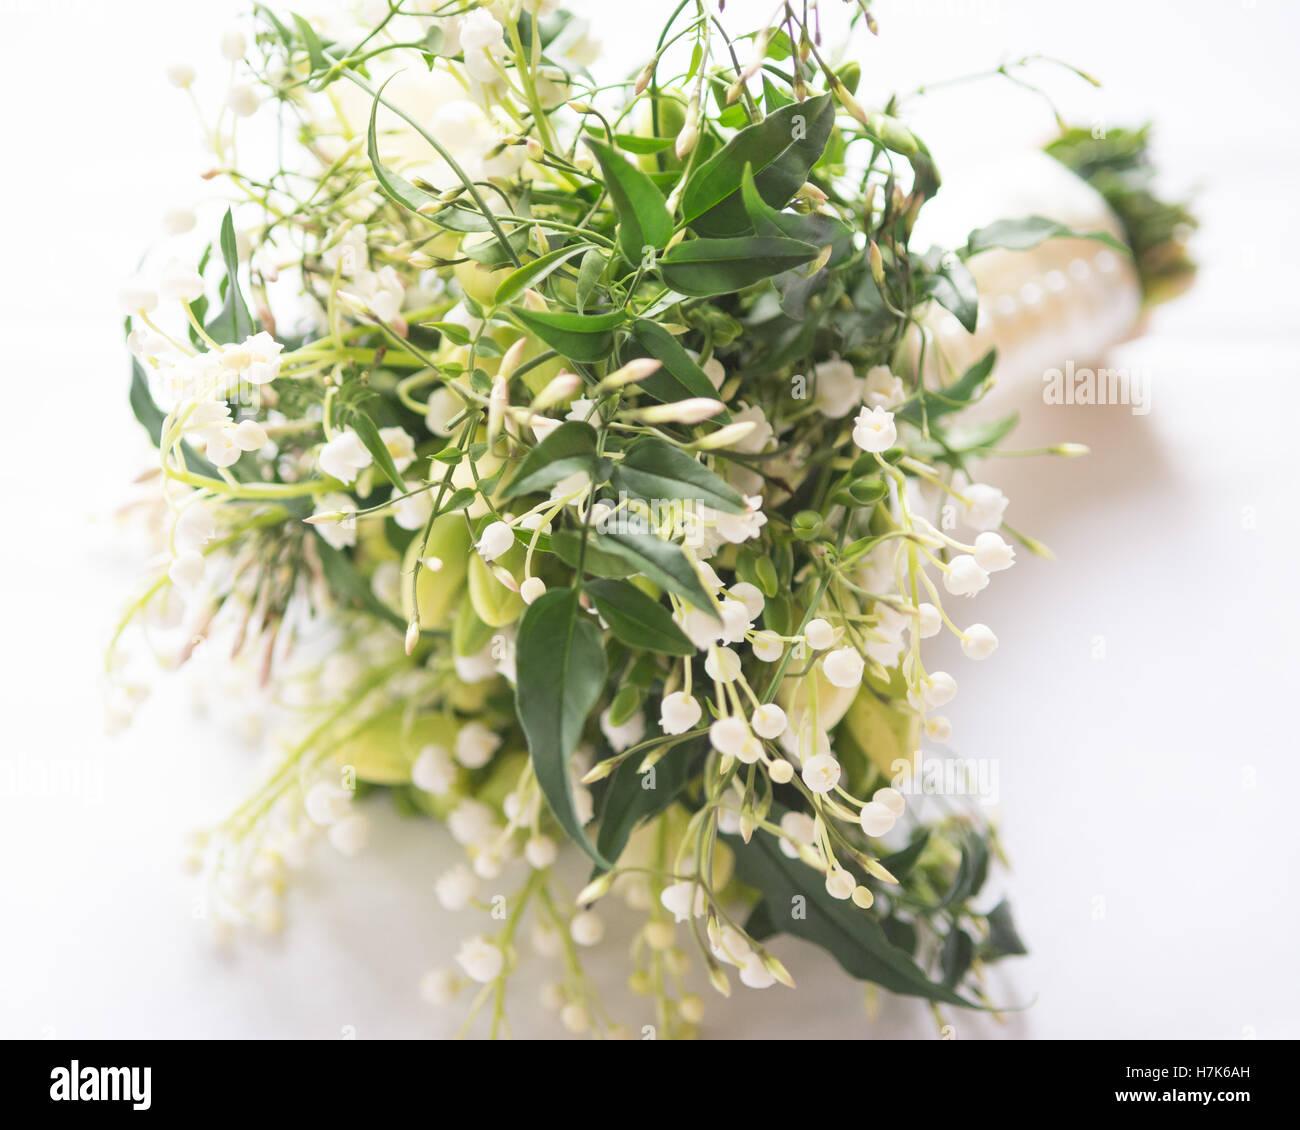 Lilie Hochzeitsstrauss Stockfotos Lilie Hochzeitsstrauss Bilder Alamy